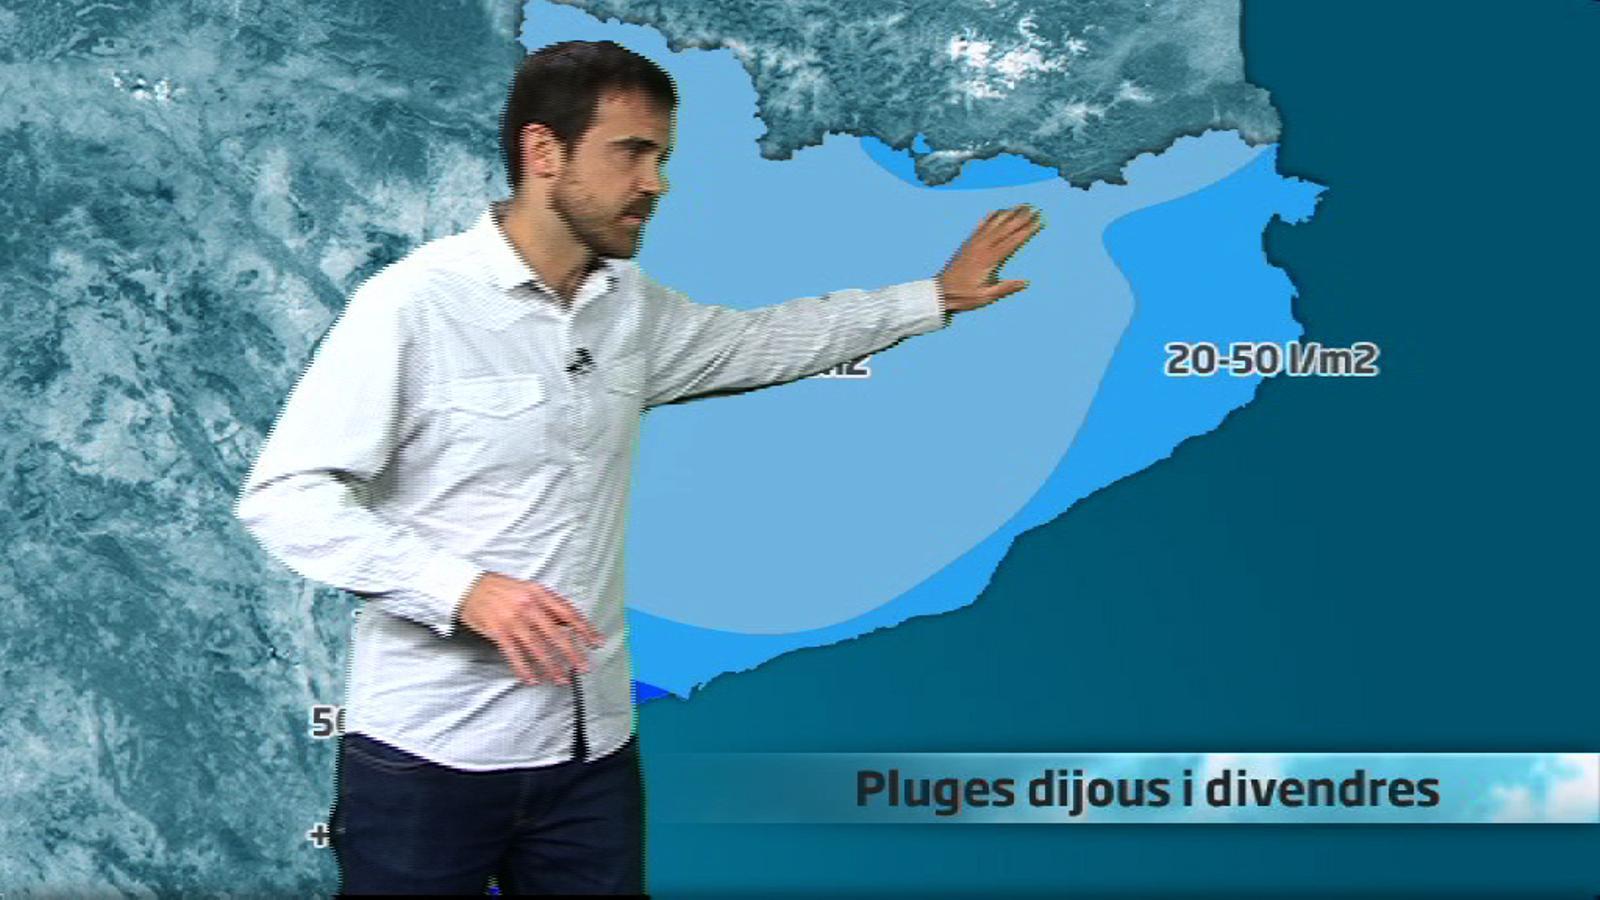 Méteo especial: una llevantada portarà pluges, neu, vent i un temporal marítim (28/02/2013)